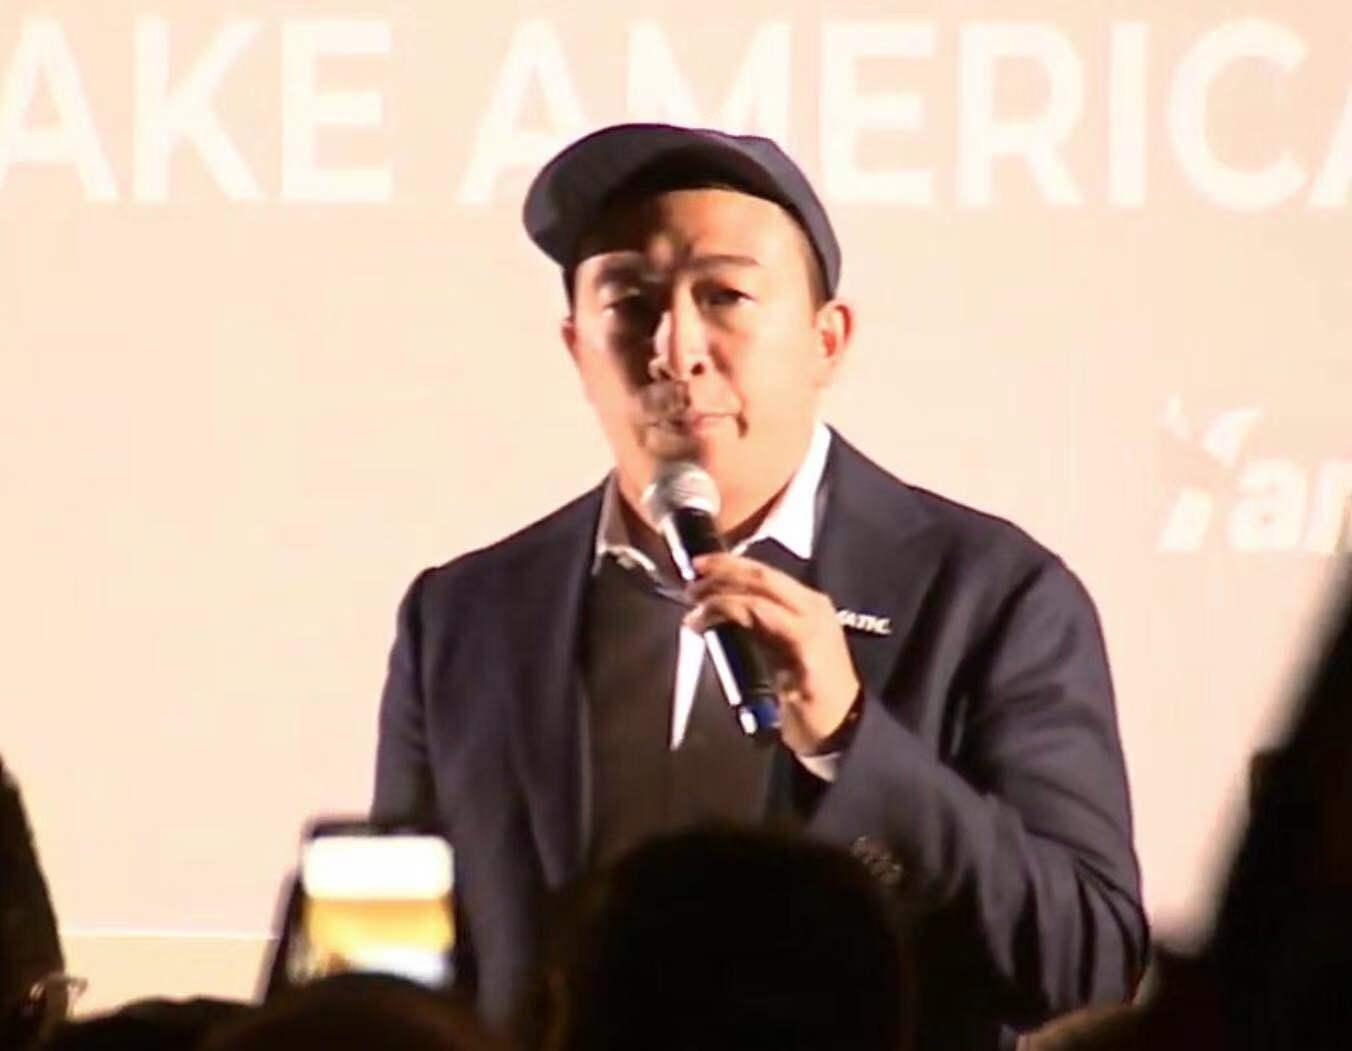 楊安澤在台上說明其政見。記者華夏美佳攝。